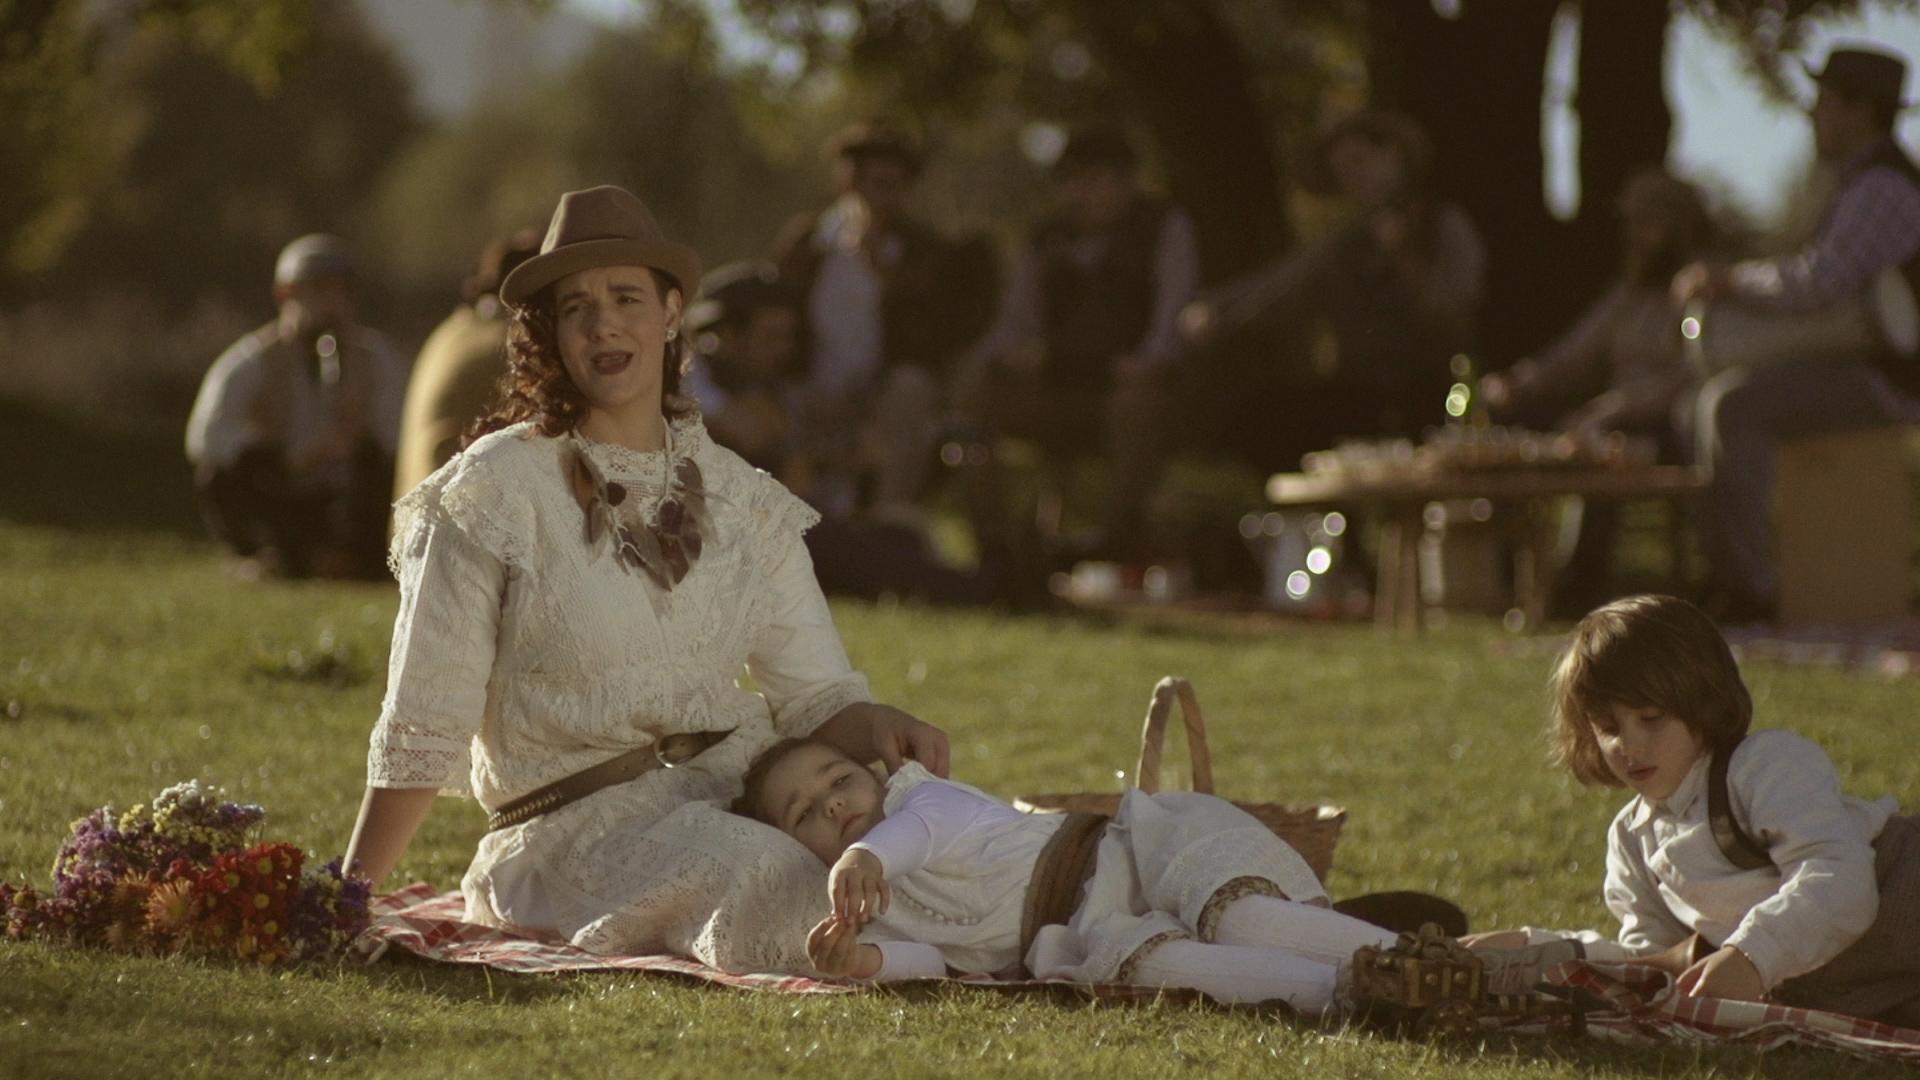 ВИДЕО: Прекрасната Македонија во новиот спот на Љубојна и Исмаил Лумановски